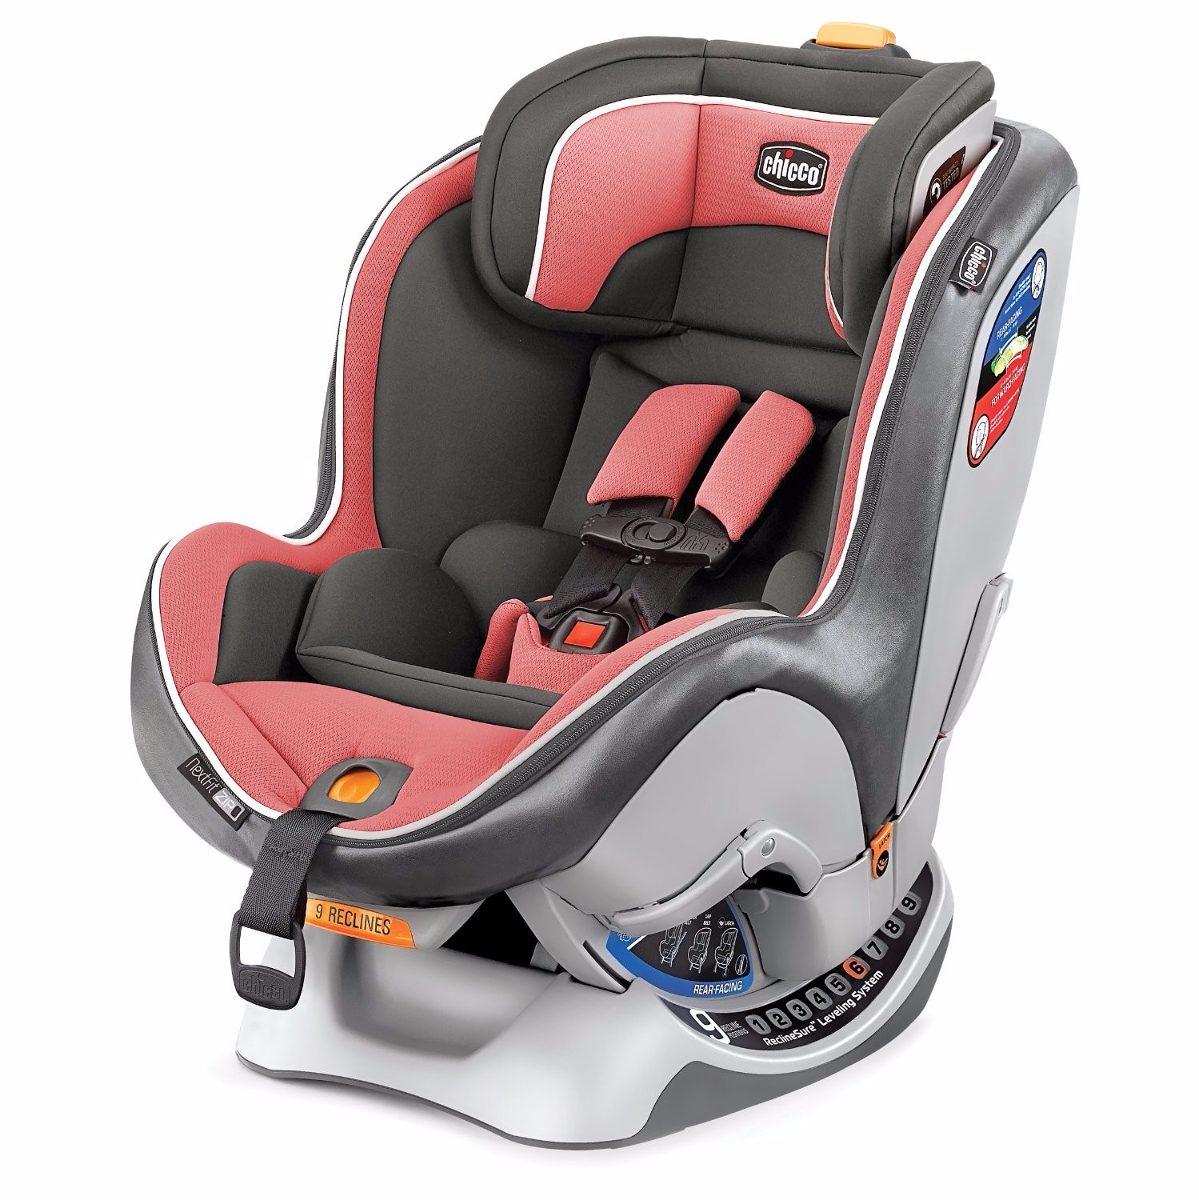 Auto asiento car seat infantil chicco nextfit zip ibis for Asiento infantil para auto